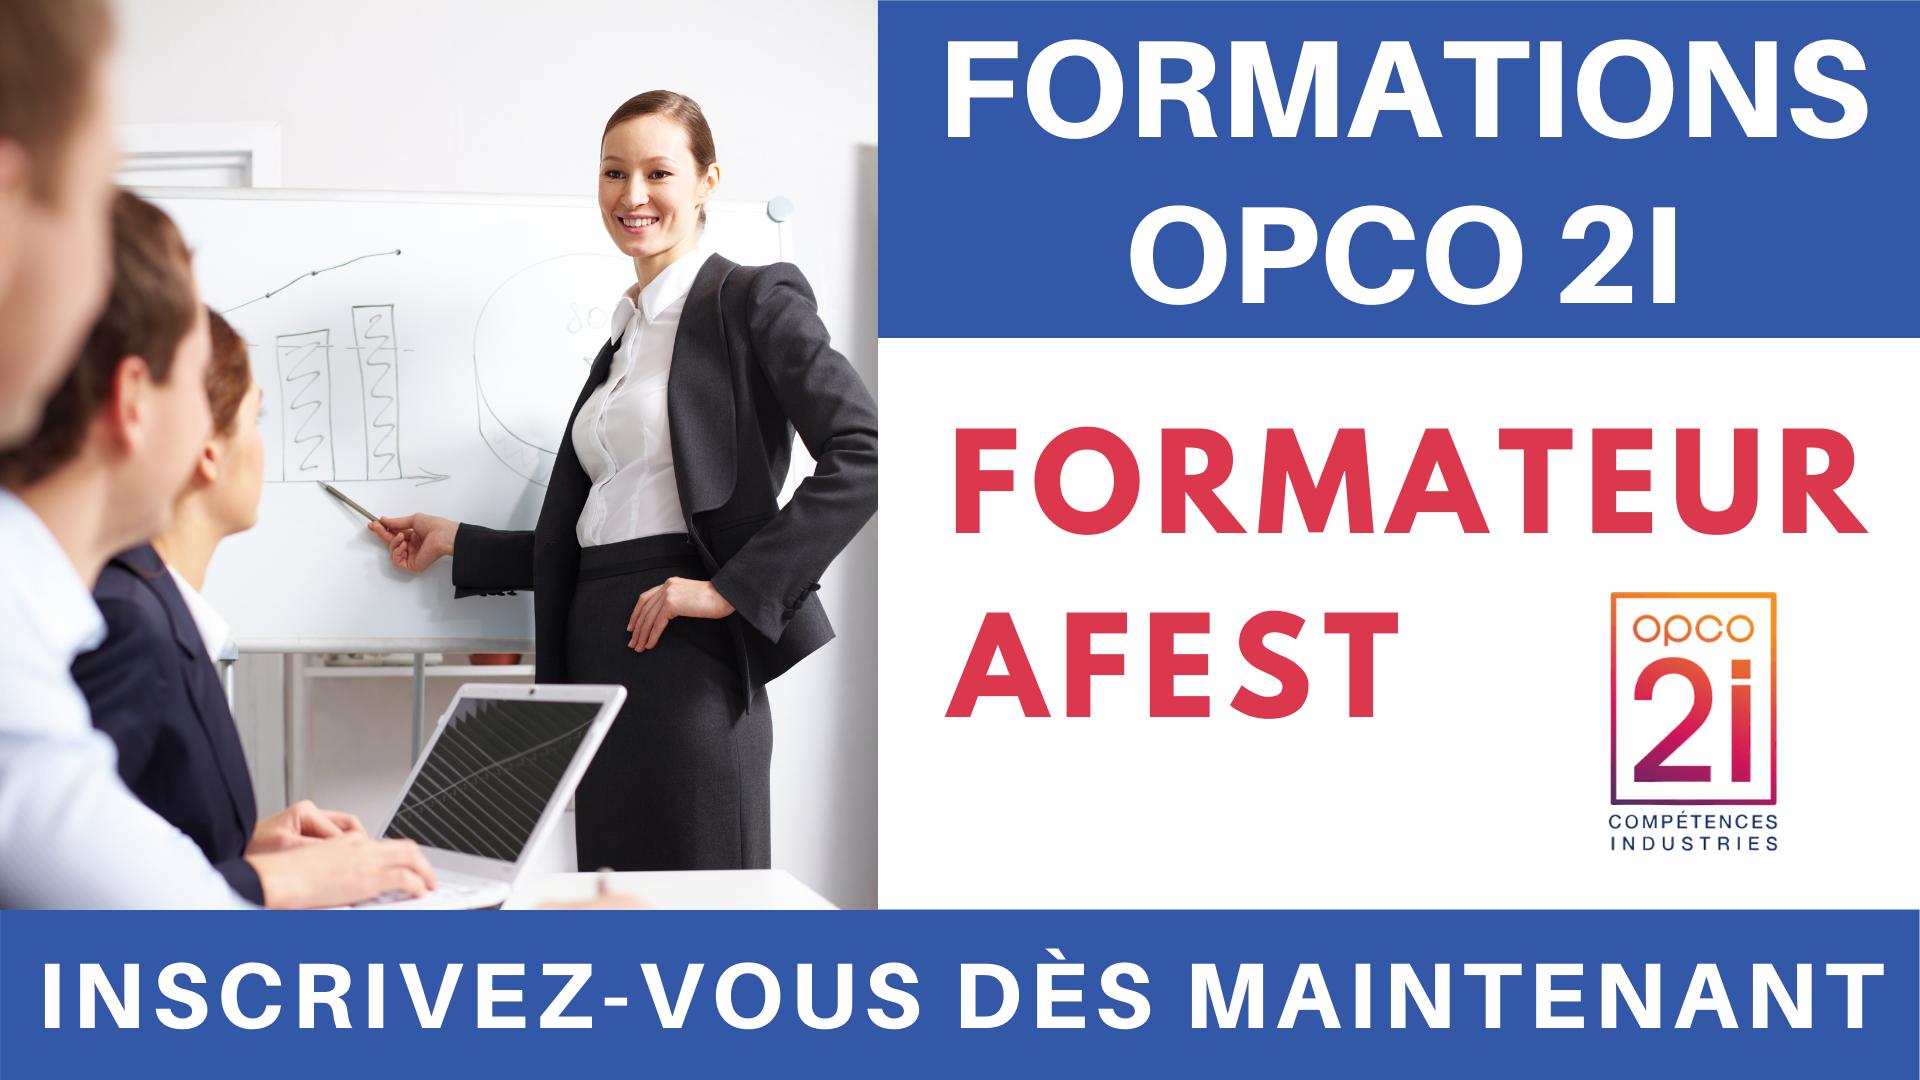 Pub Formations OPCO 2i - Formateur AFEST